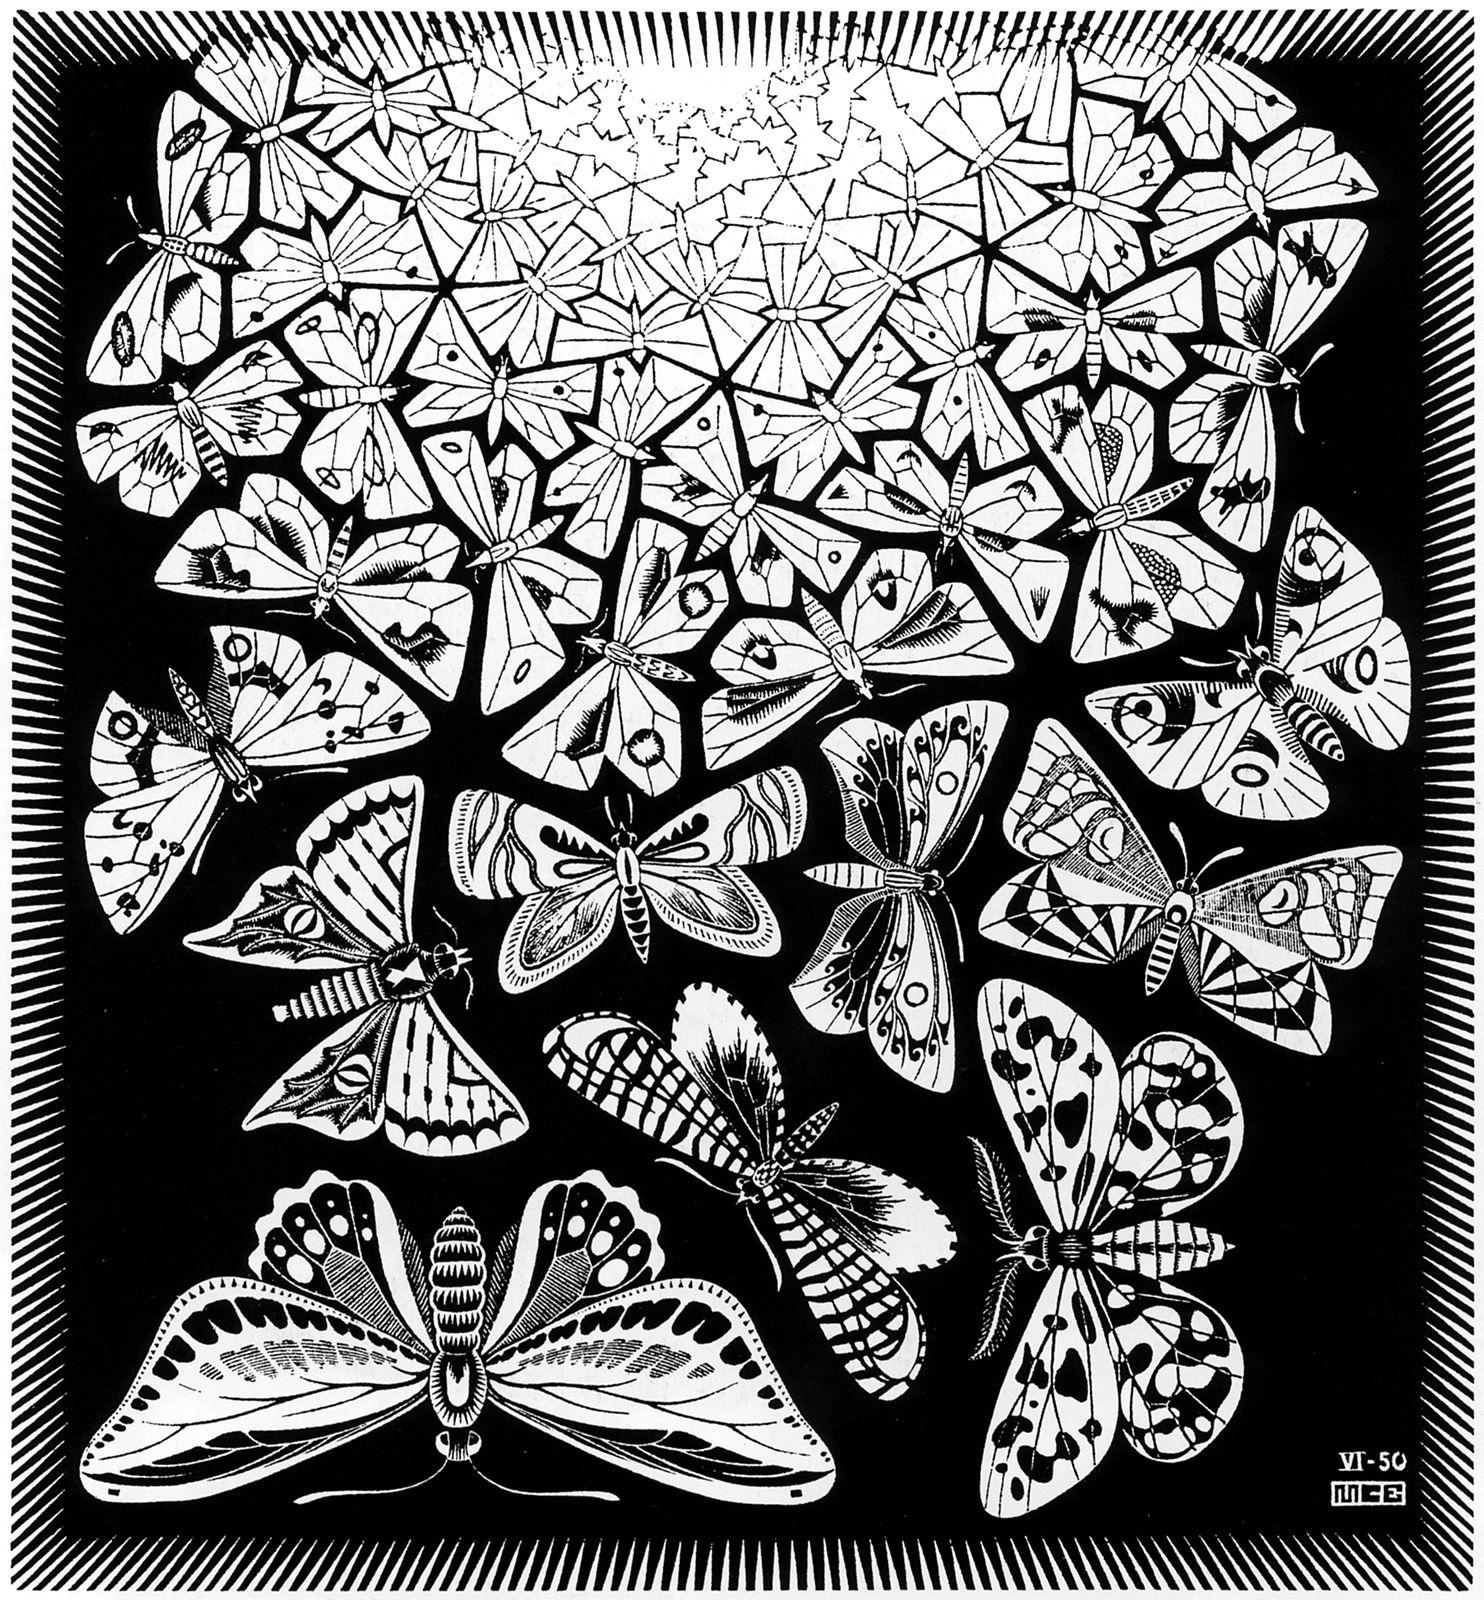 Maurits Cornelis Escher - Butterflies | M.C.Escher | Pinterest ...